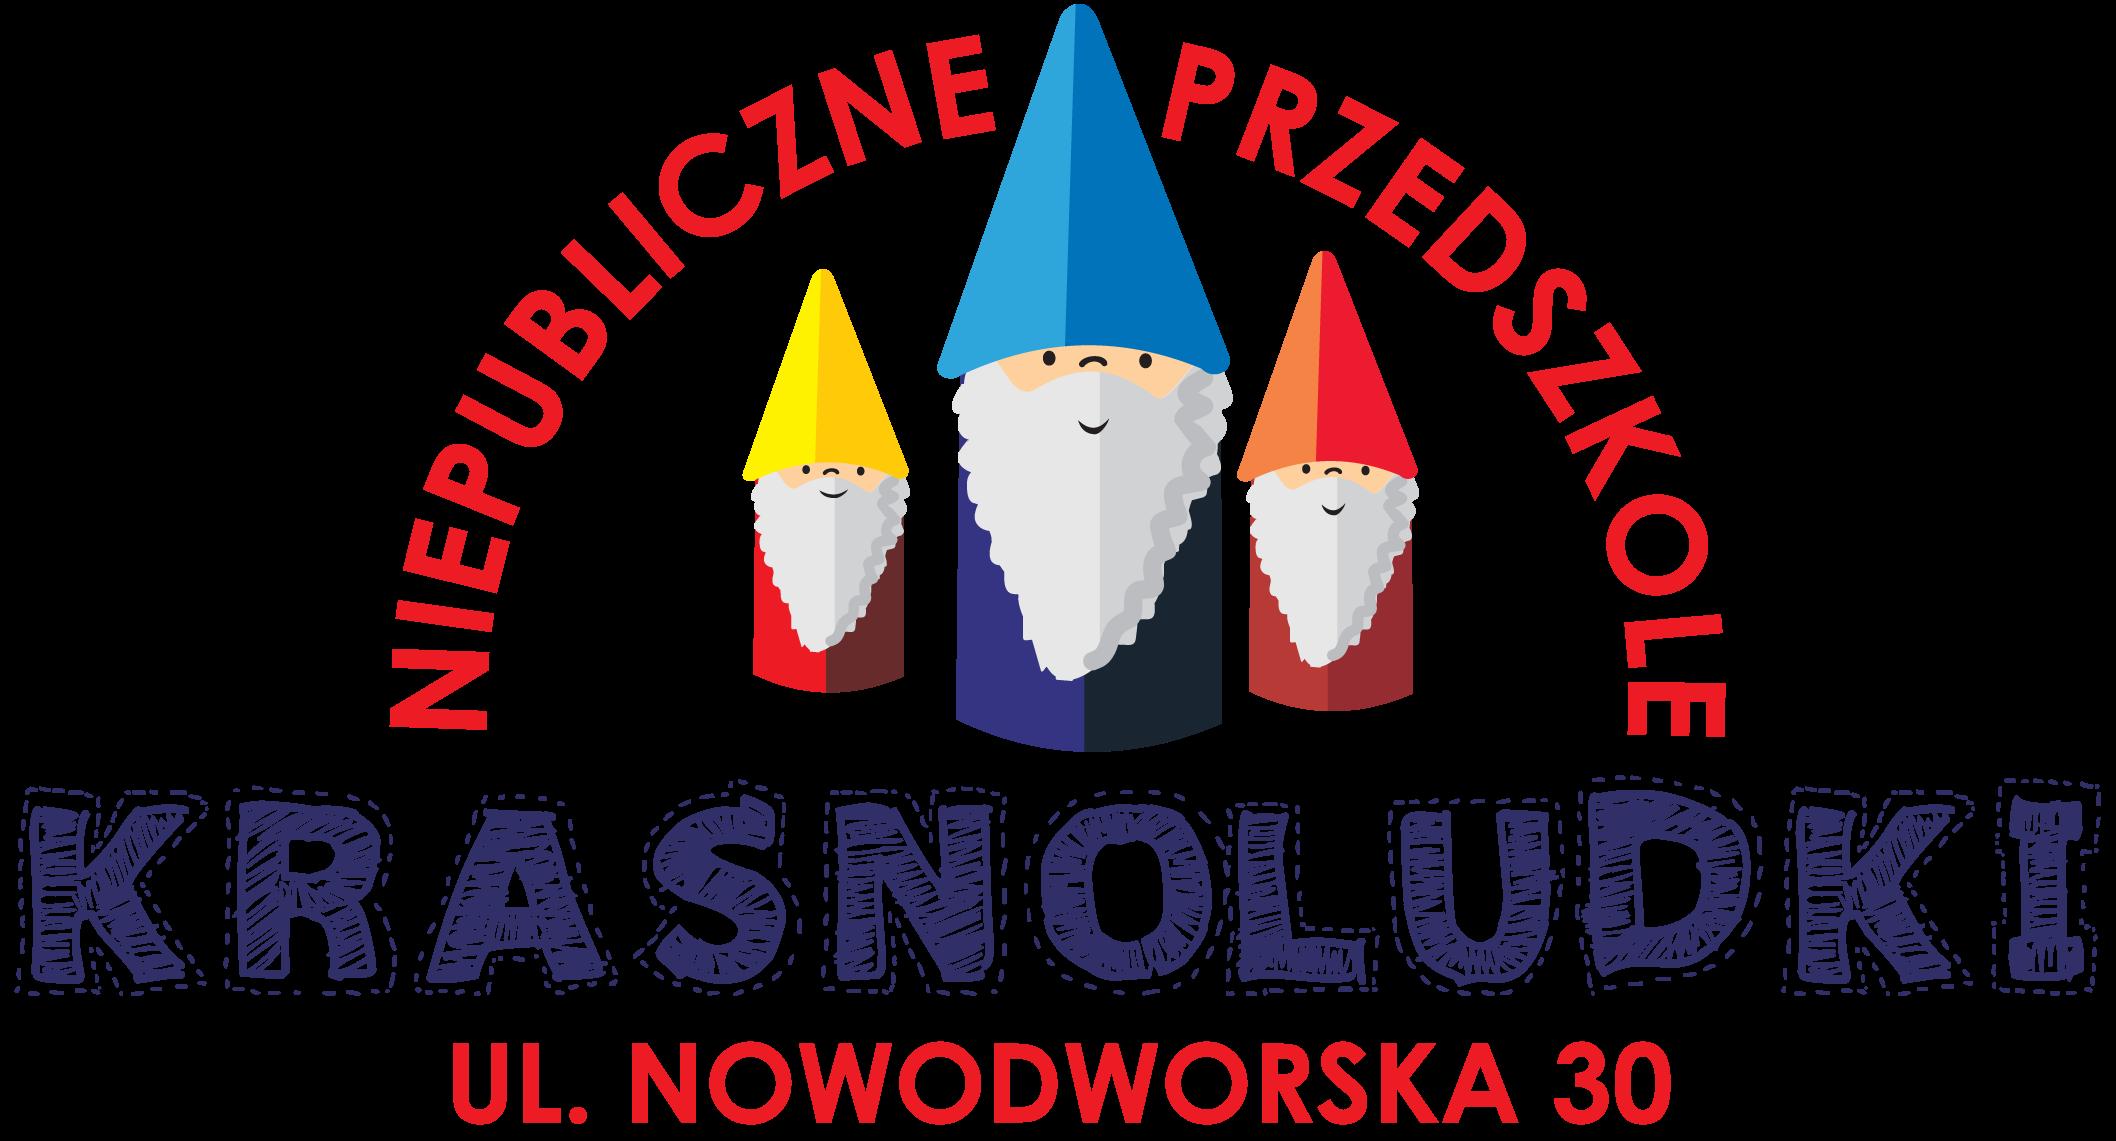 Przedszkole Krasnoludki – Nowodworska 30 Warszawa Tarchomin